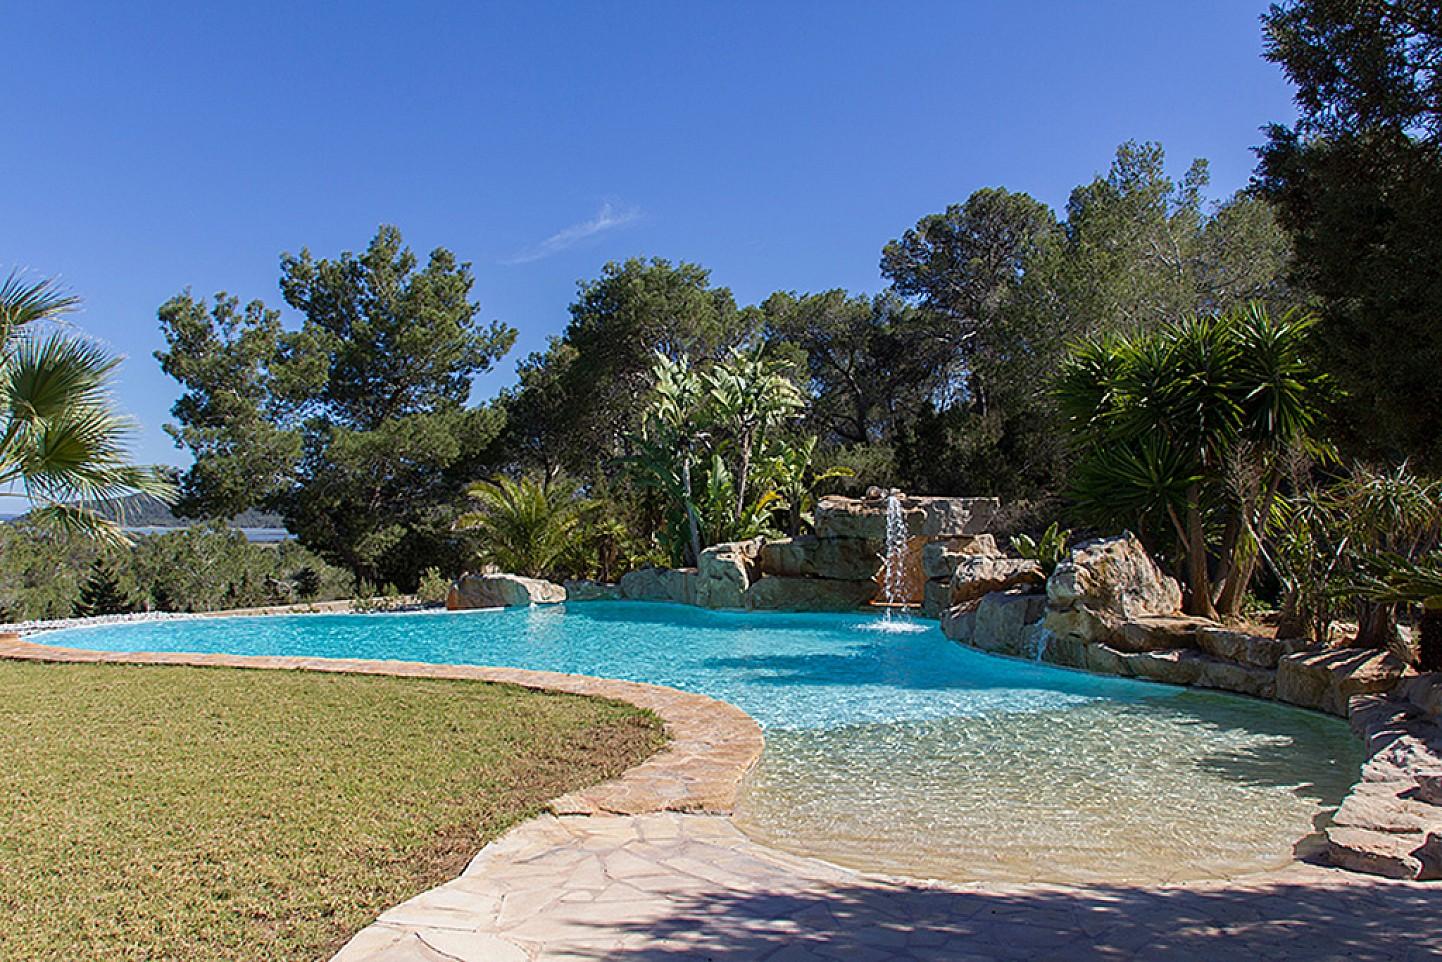 Gran piscina con hamacas